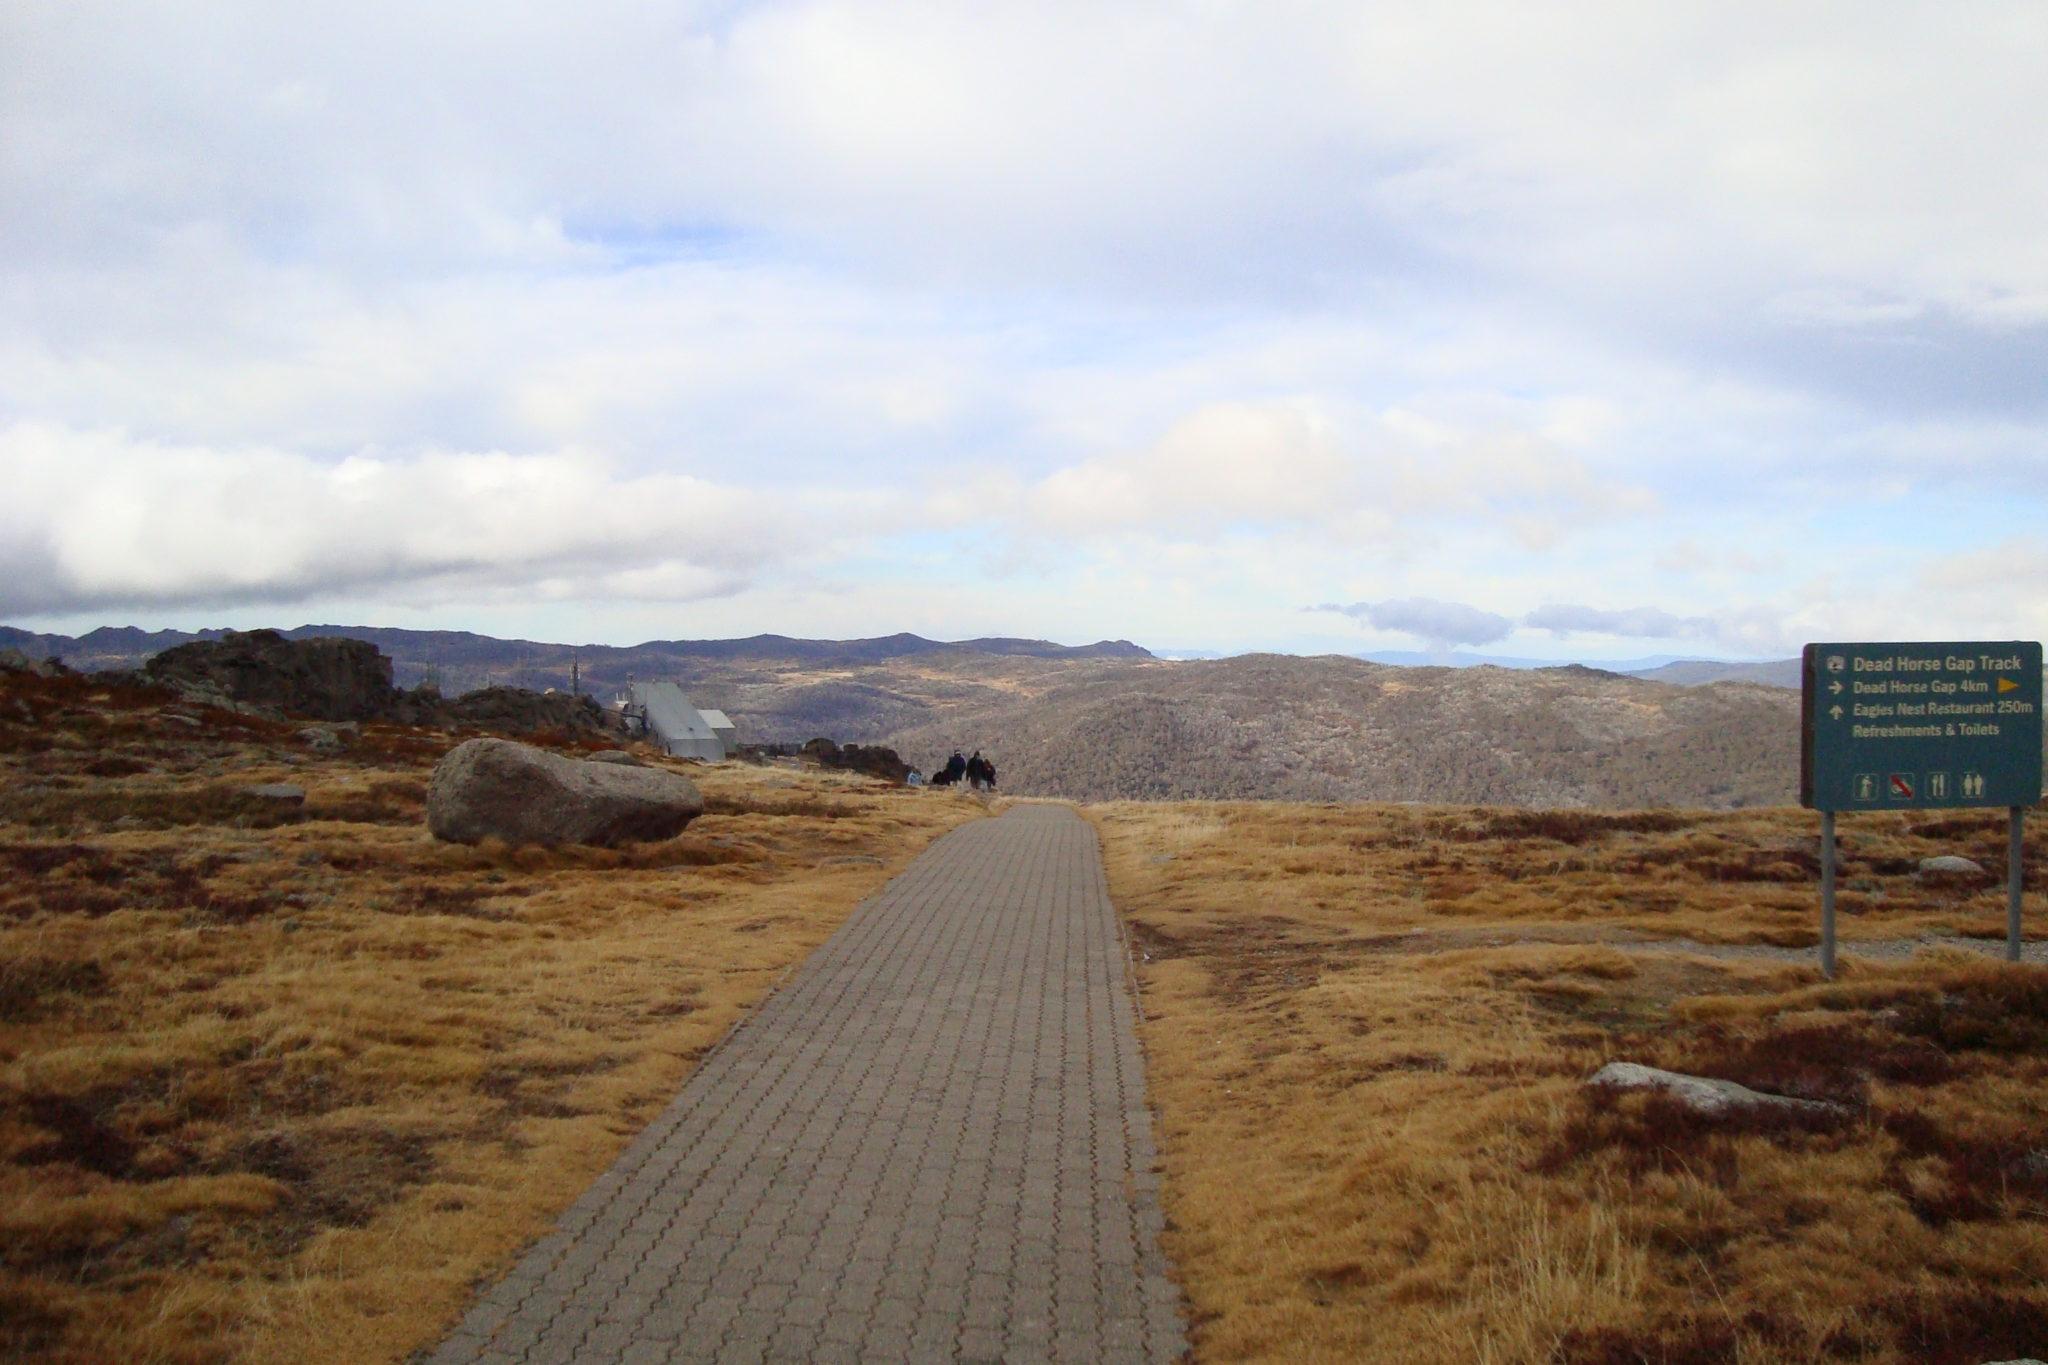 The road to no where, Mt Koszc., Australia